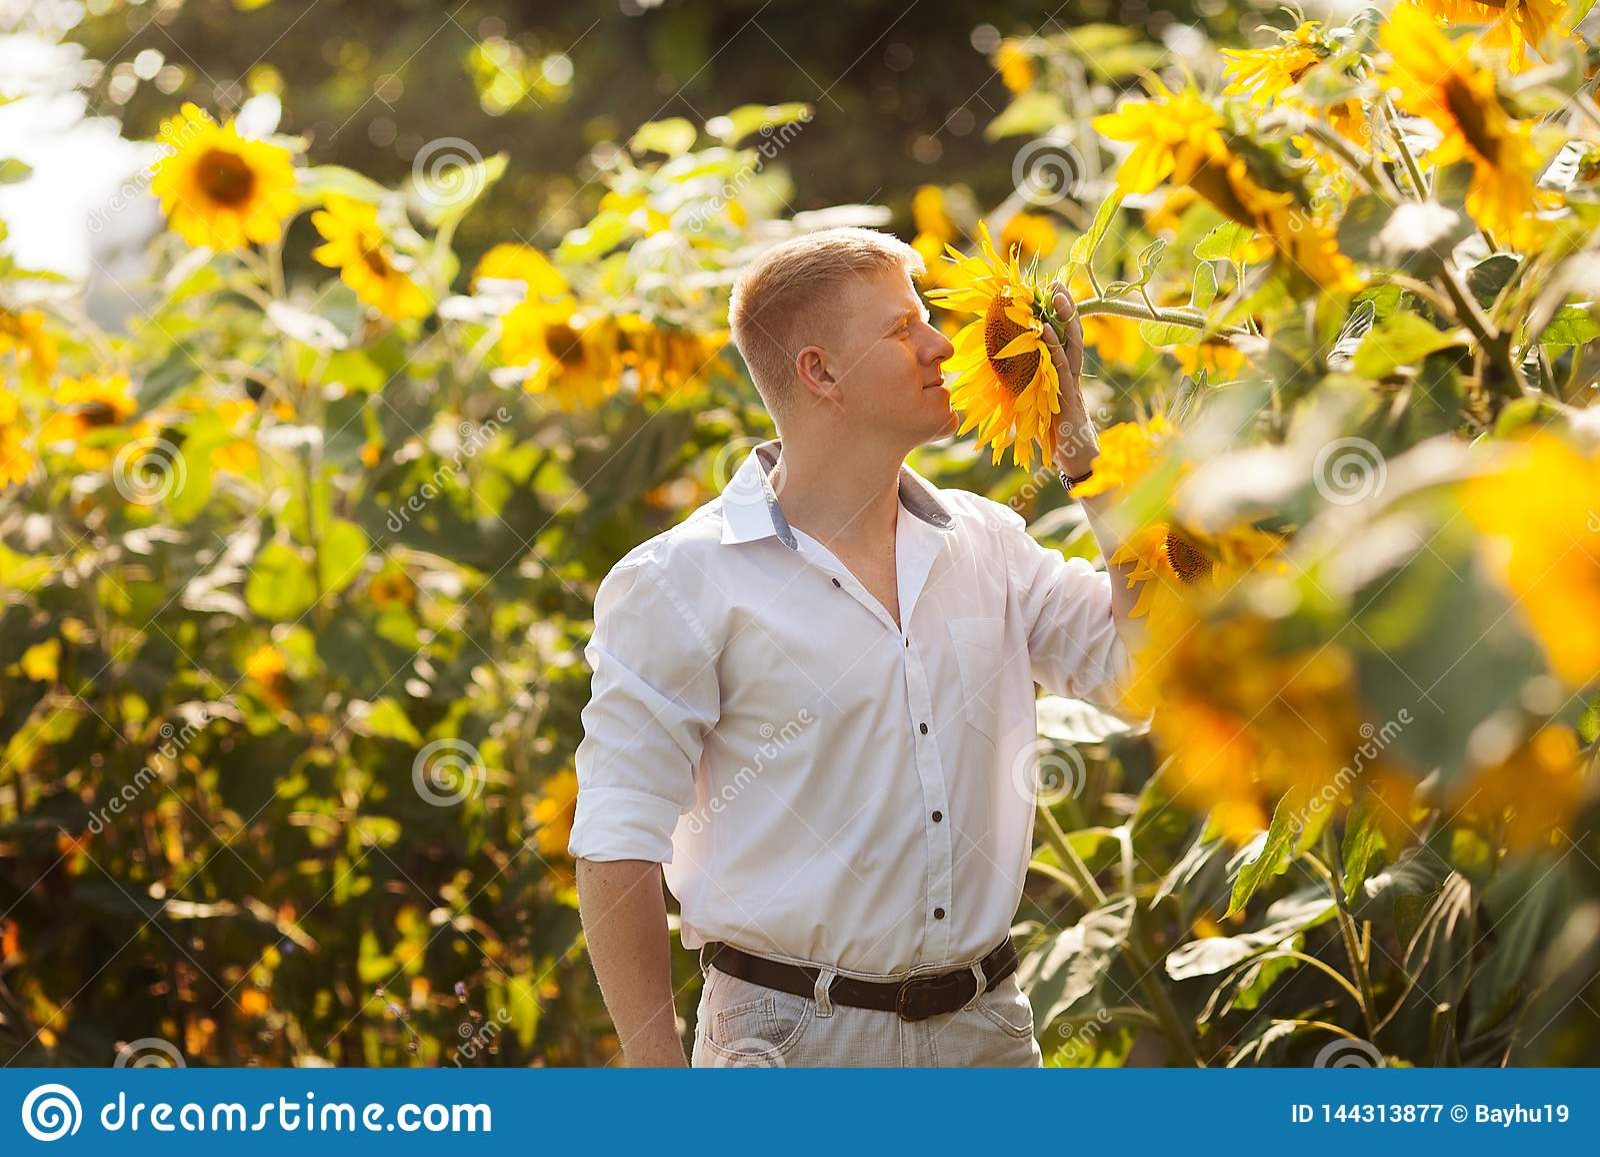 Mannen tycker om doften av solrosen